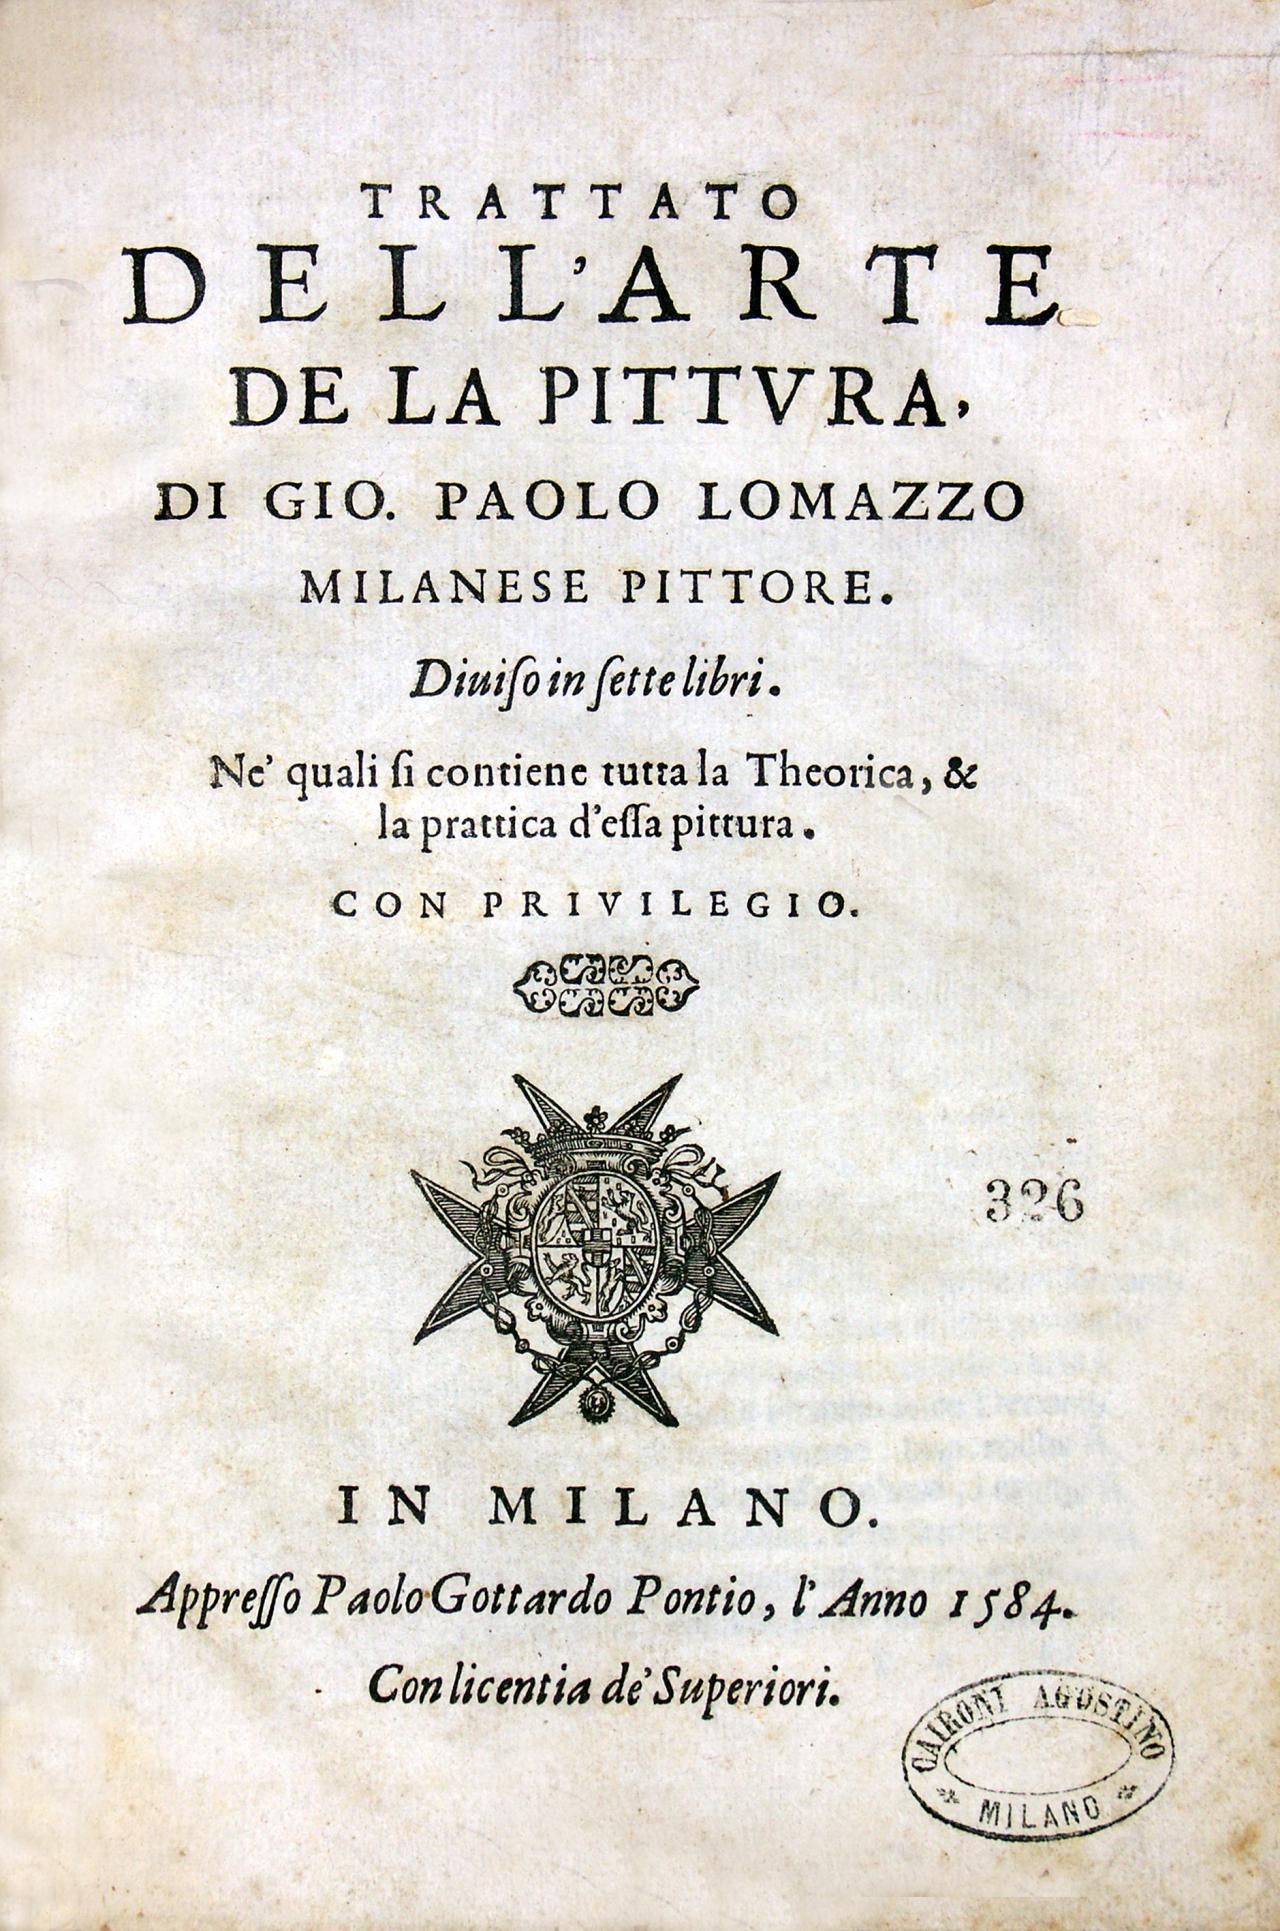 File:Trattato della Pittura - 151.jpg - Wikimedia Commons